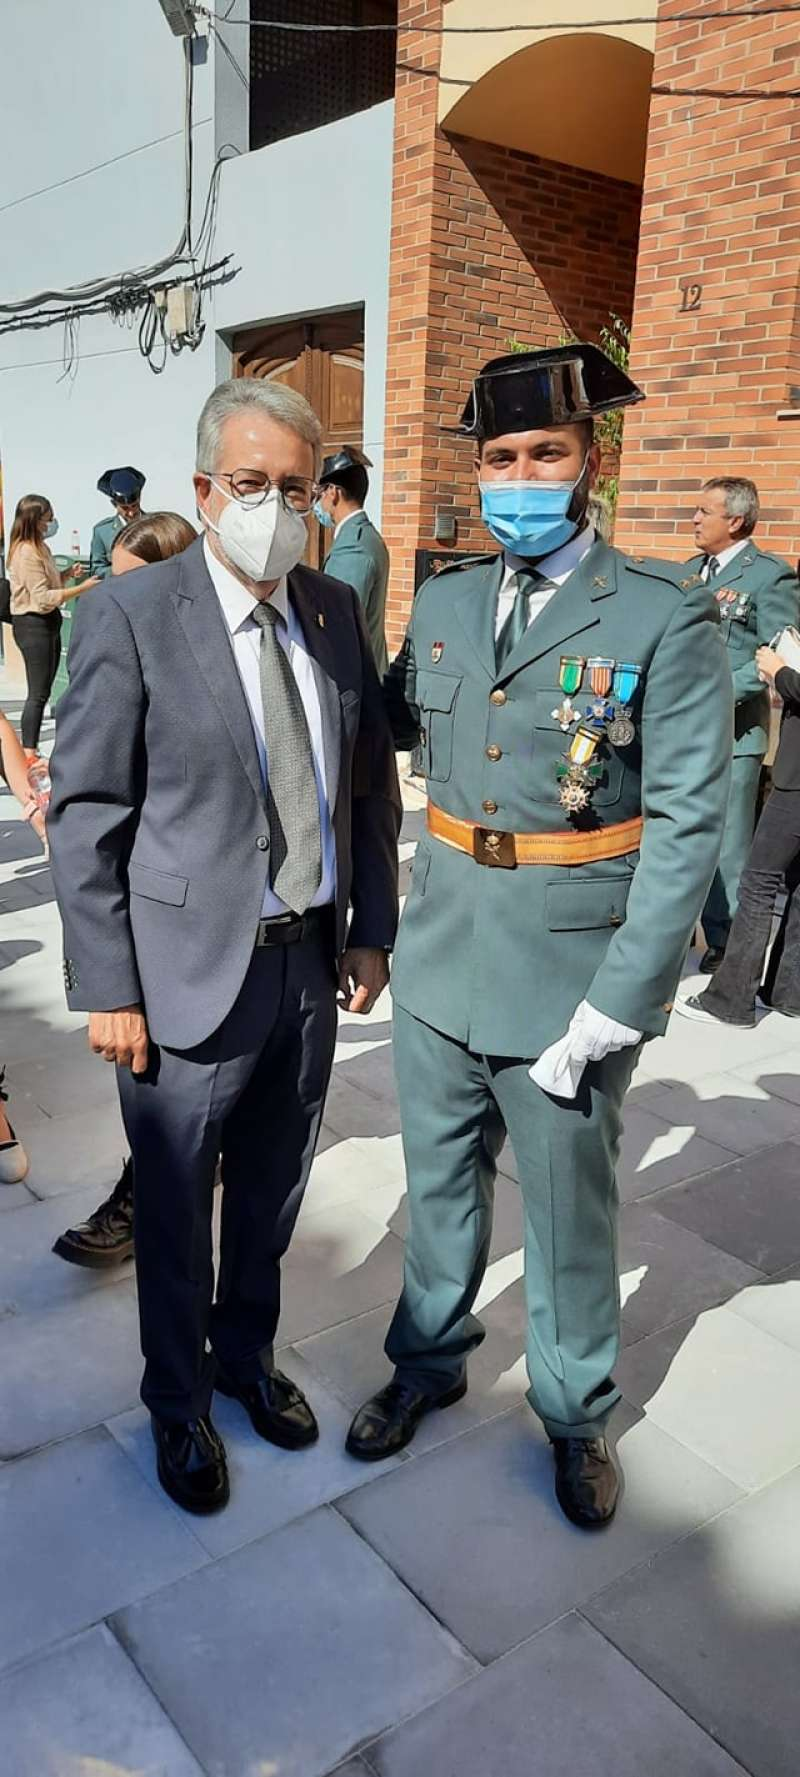 La Guardia Civil de Alfafar-Catarroja condecora al alcalde de Albal en el Día de su Patrona.